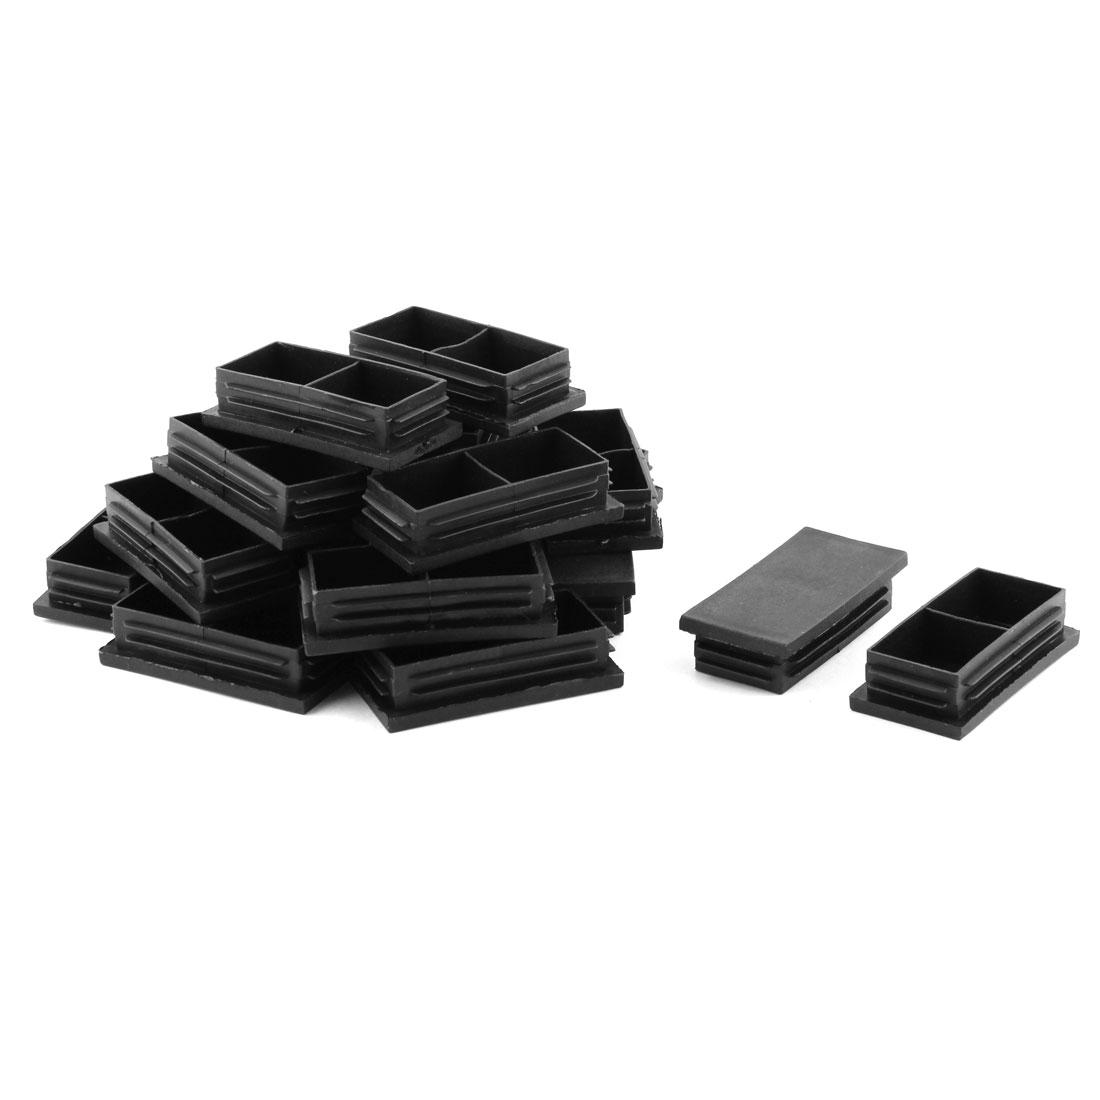 Household Plastic Rectangle Shape Desk Chair Leg Tube Insert Caps Black 80 x 40mm 20 Pcs